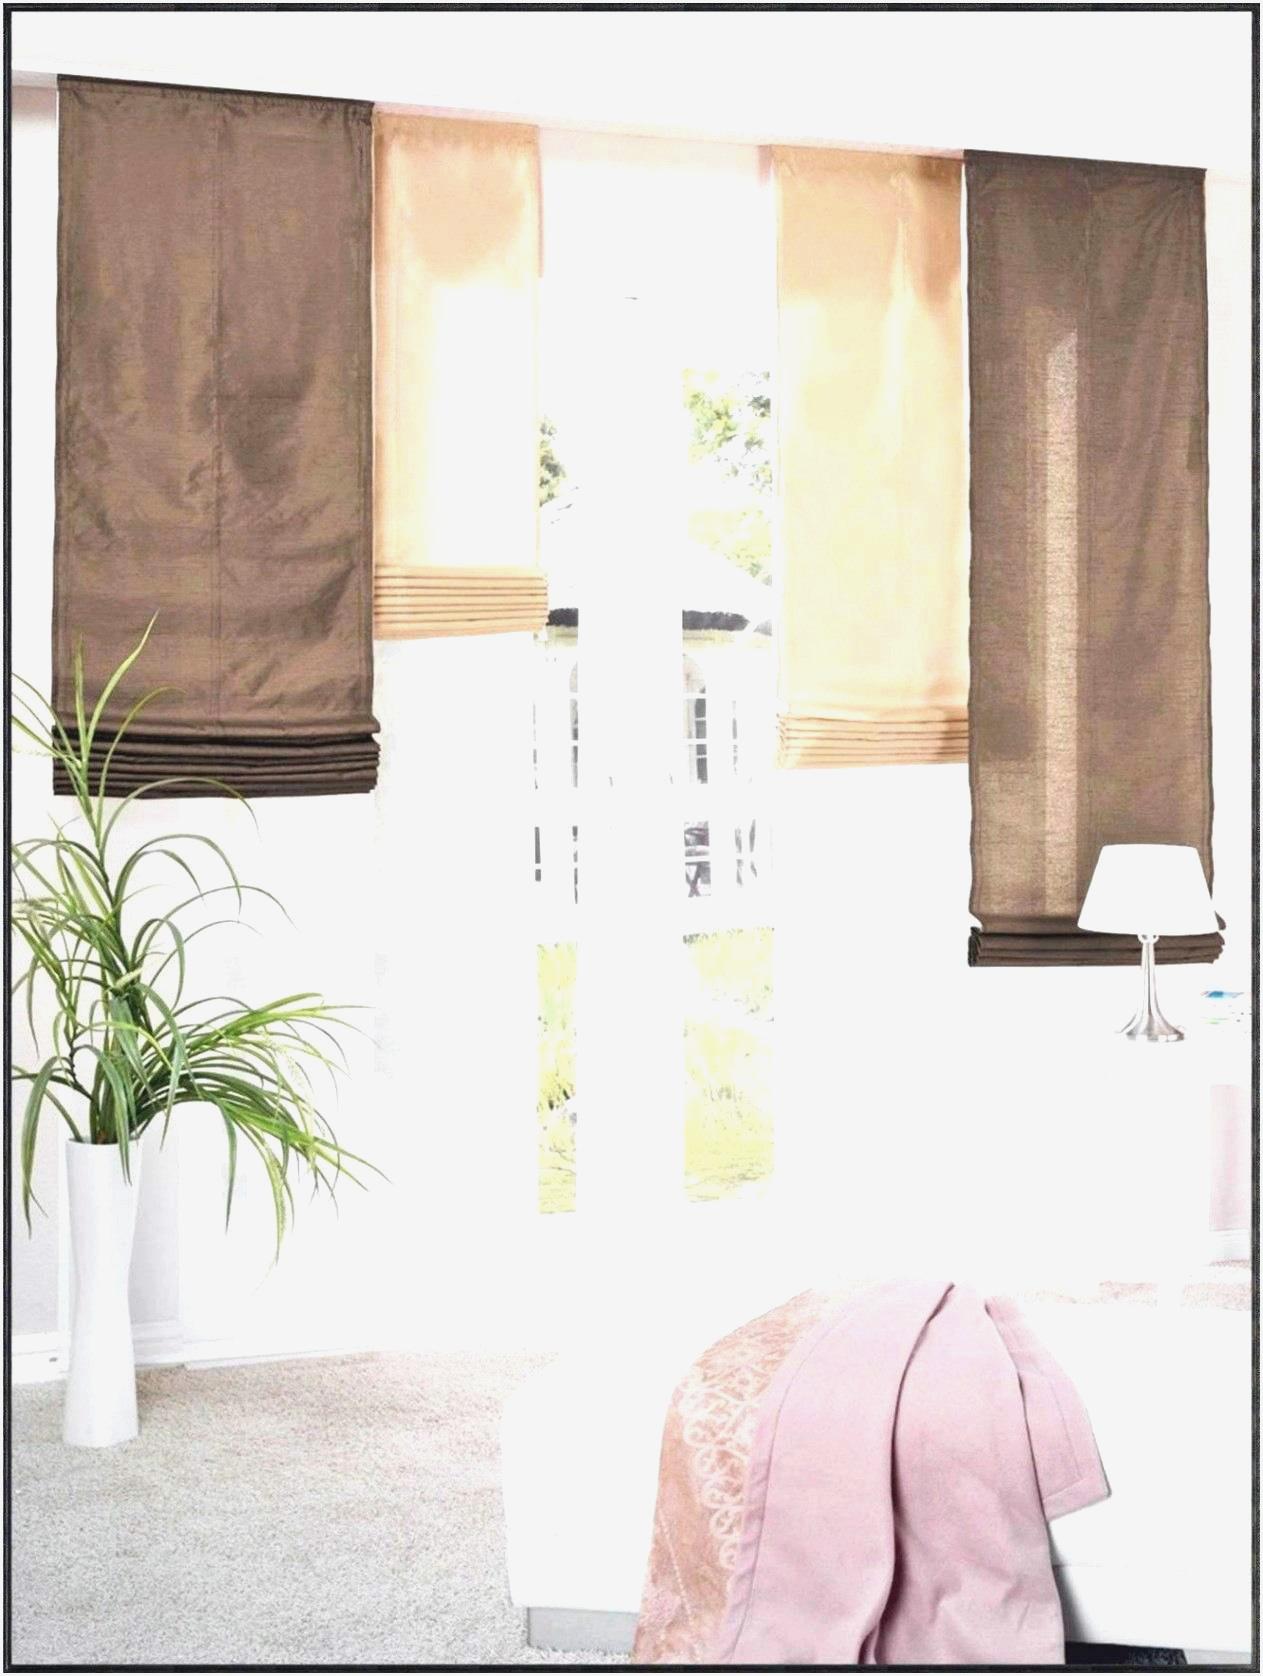 Full Size of Gardinen Wohnzimmer Kurz Modern Nett Schiebegardinen Traumhaus Poster Lampen Für Deckenlampen Moderne Bilder Fürs Landhausstil Wandtattoo Wandbild Modernes Wohnzimmer Gardinen Wohnzimmer Kurz Modern